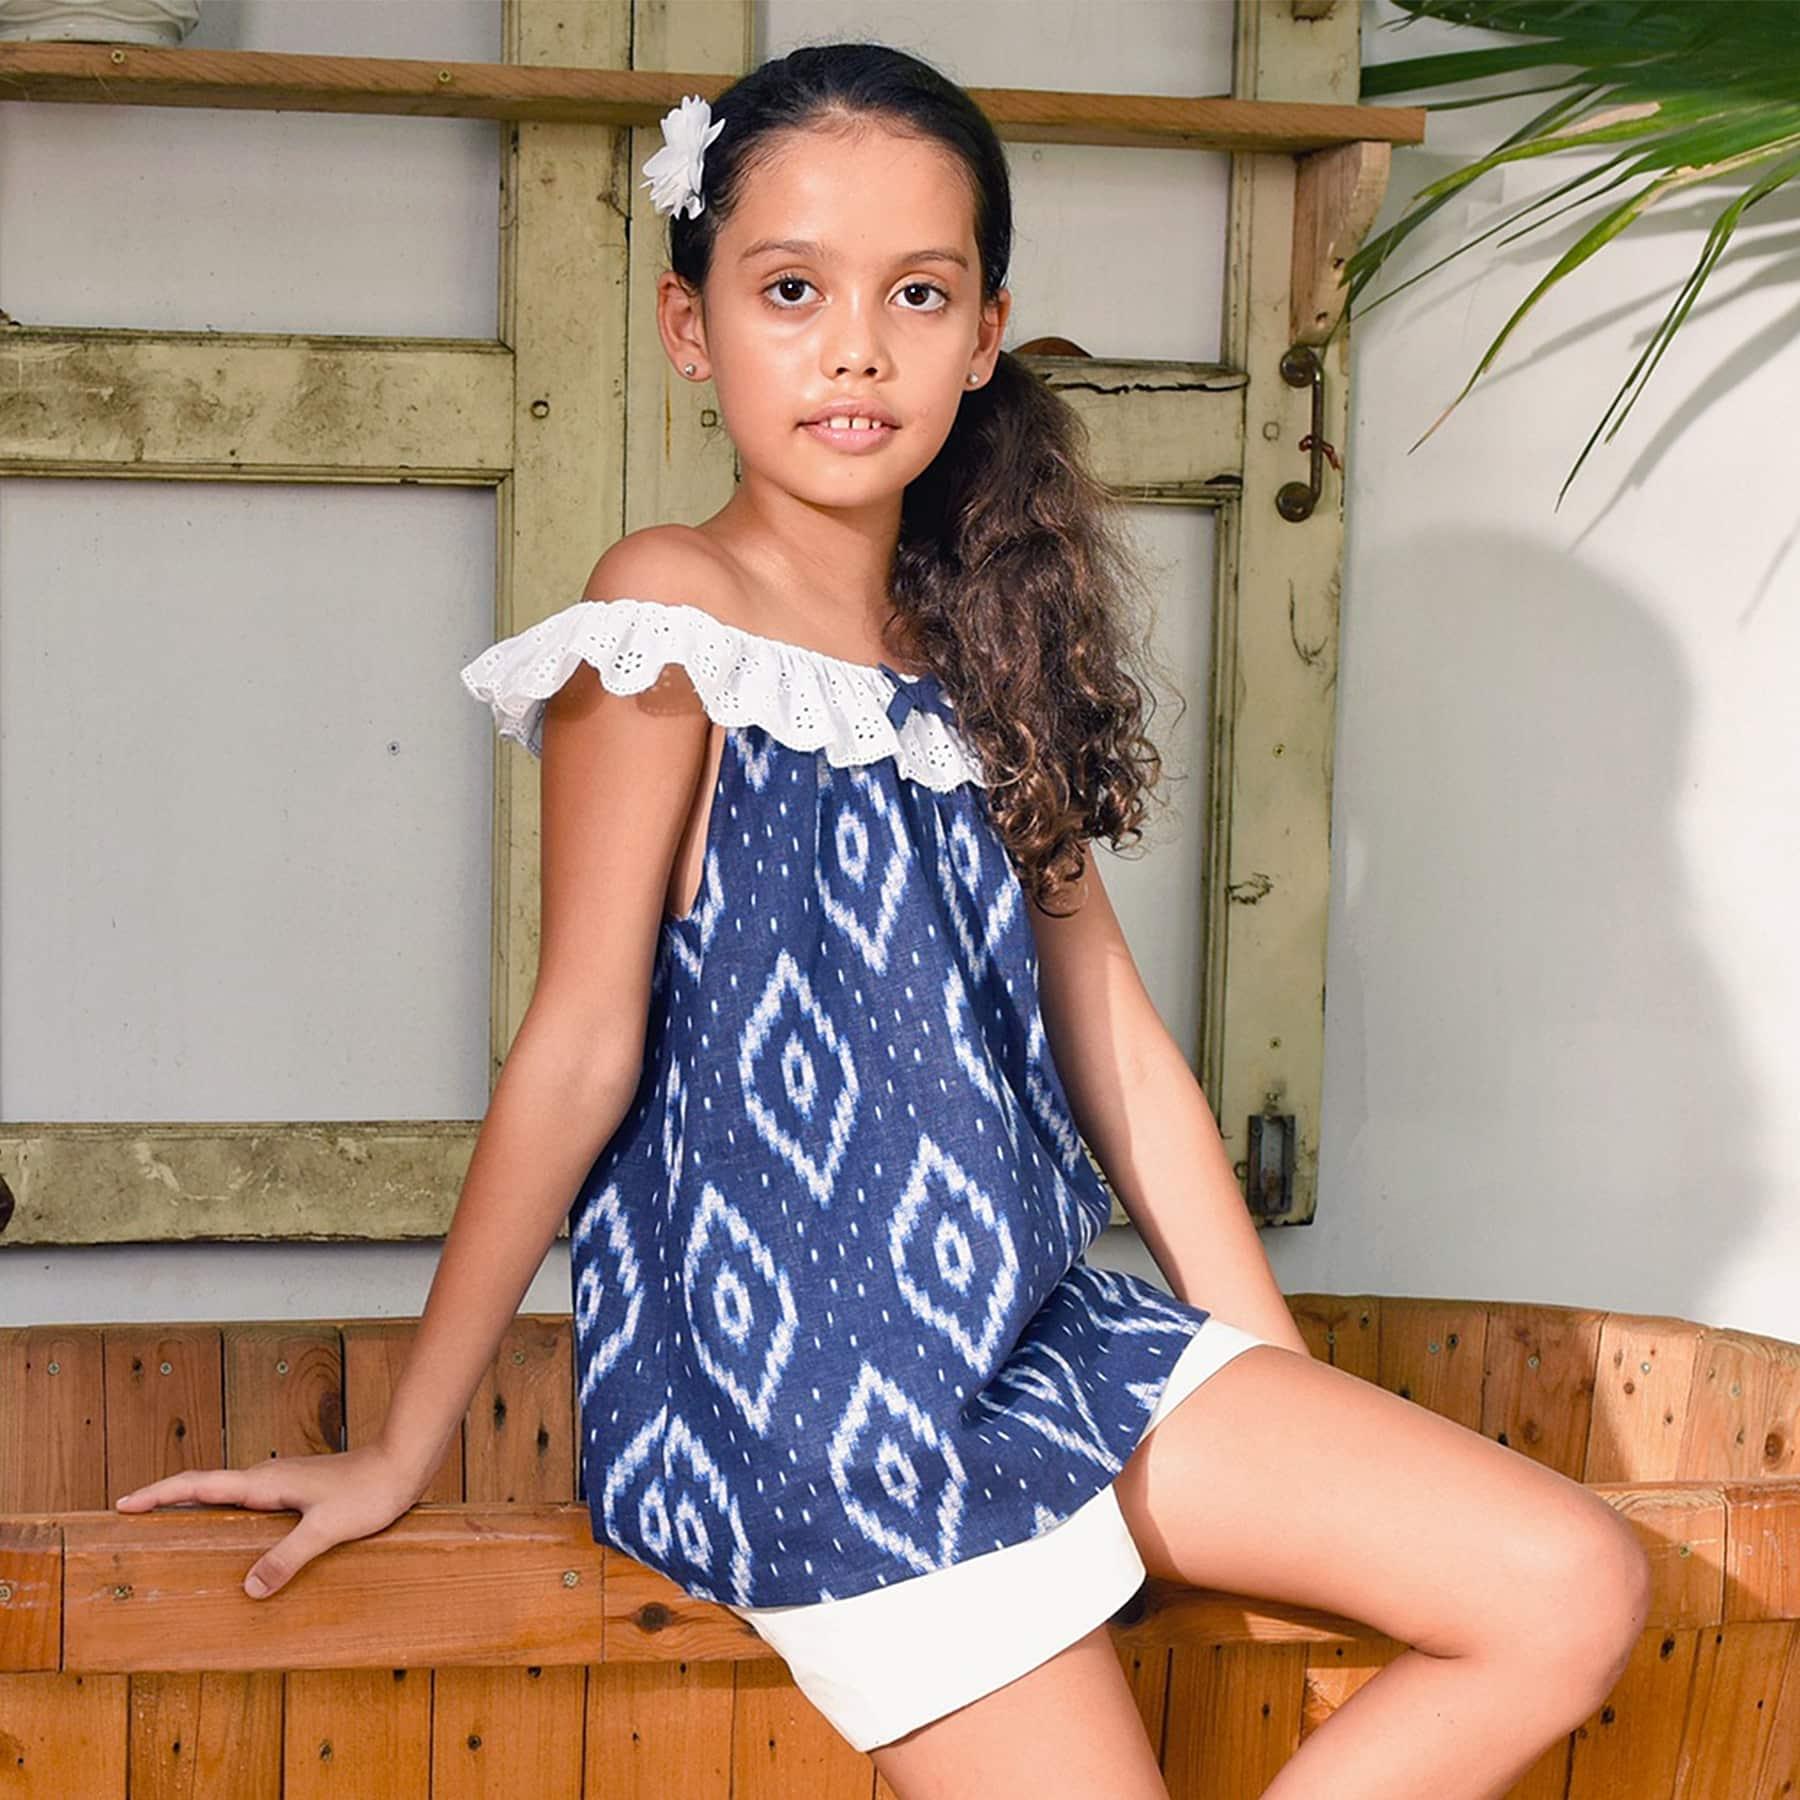 Blouse d'été bohème en coton tie and dye bleu marine avec col élastique en broderie anglaise pour filles de 2 à 14 ans